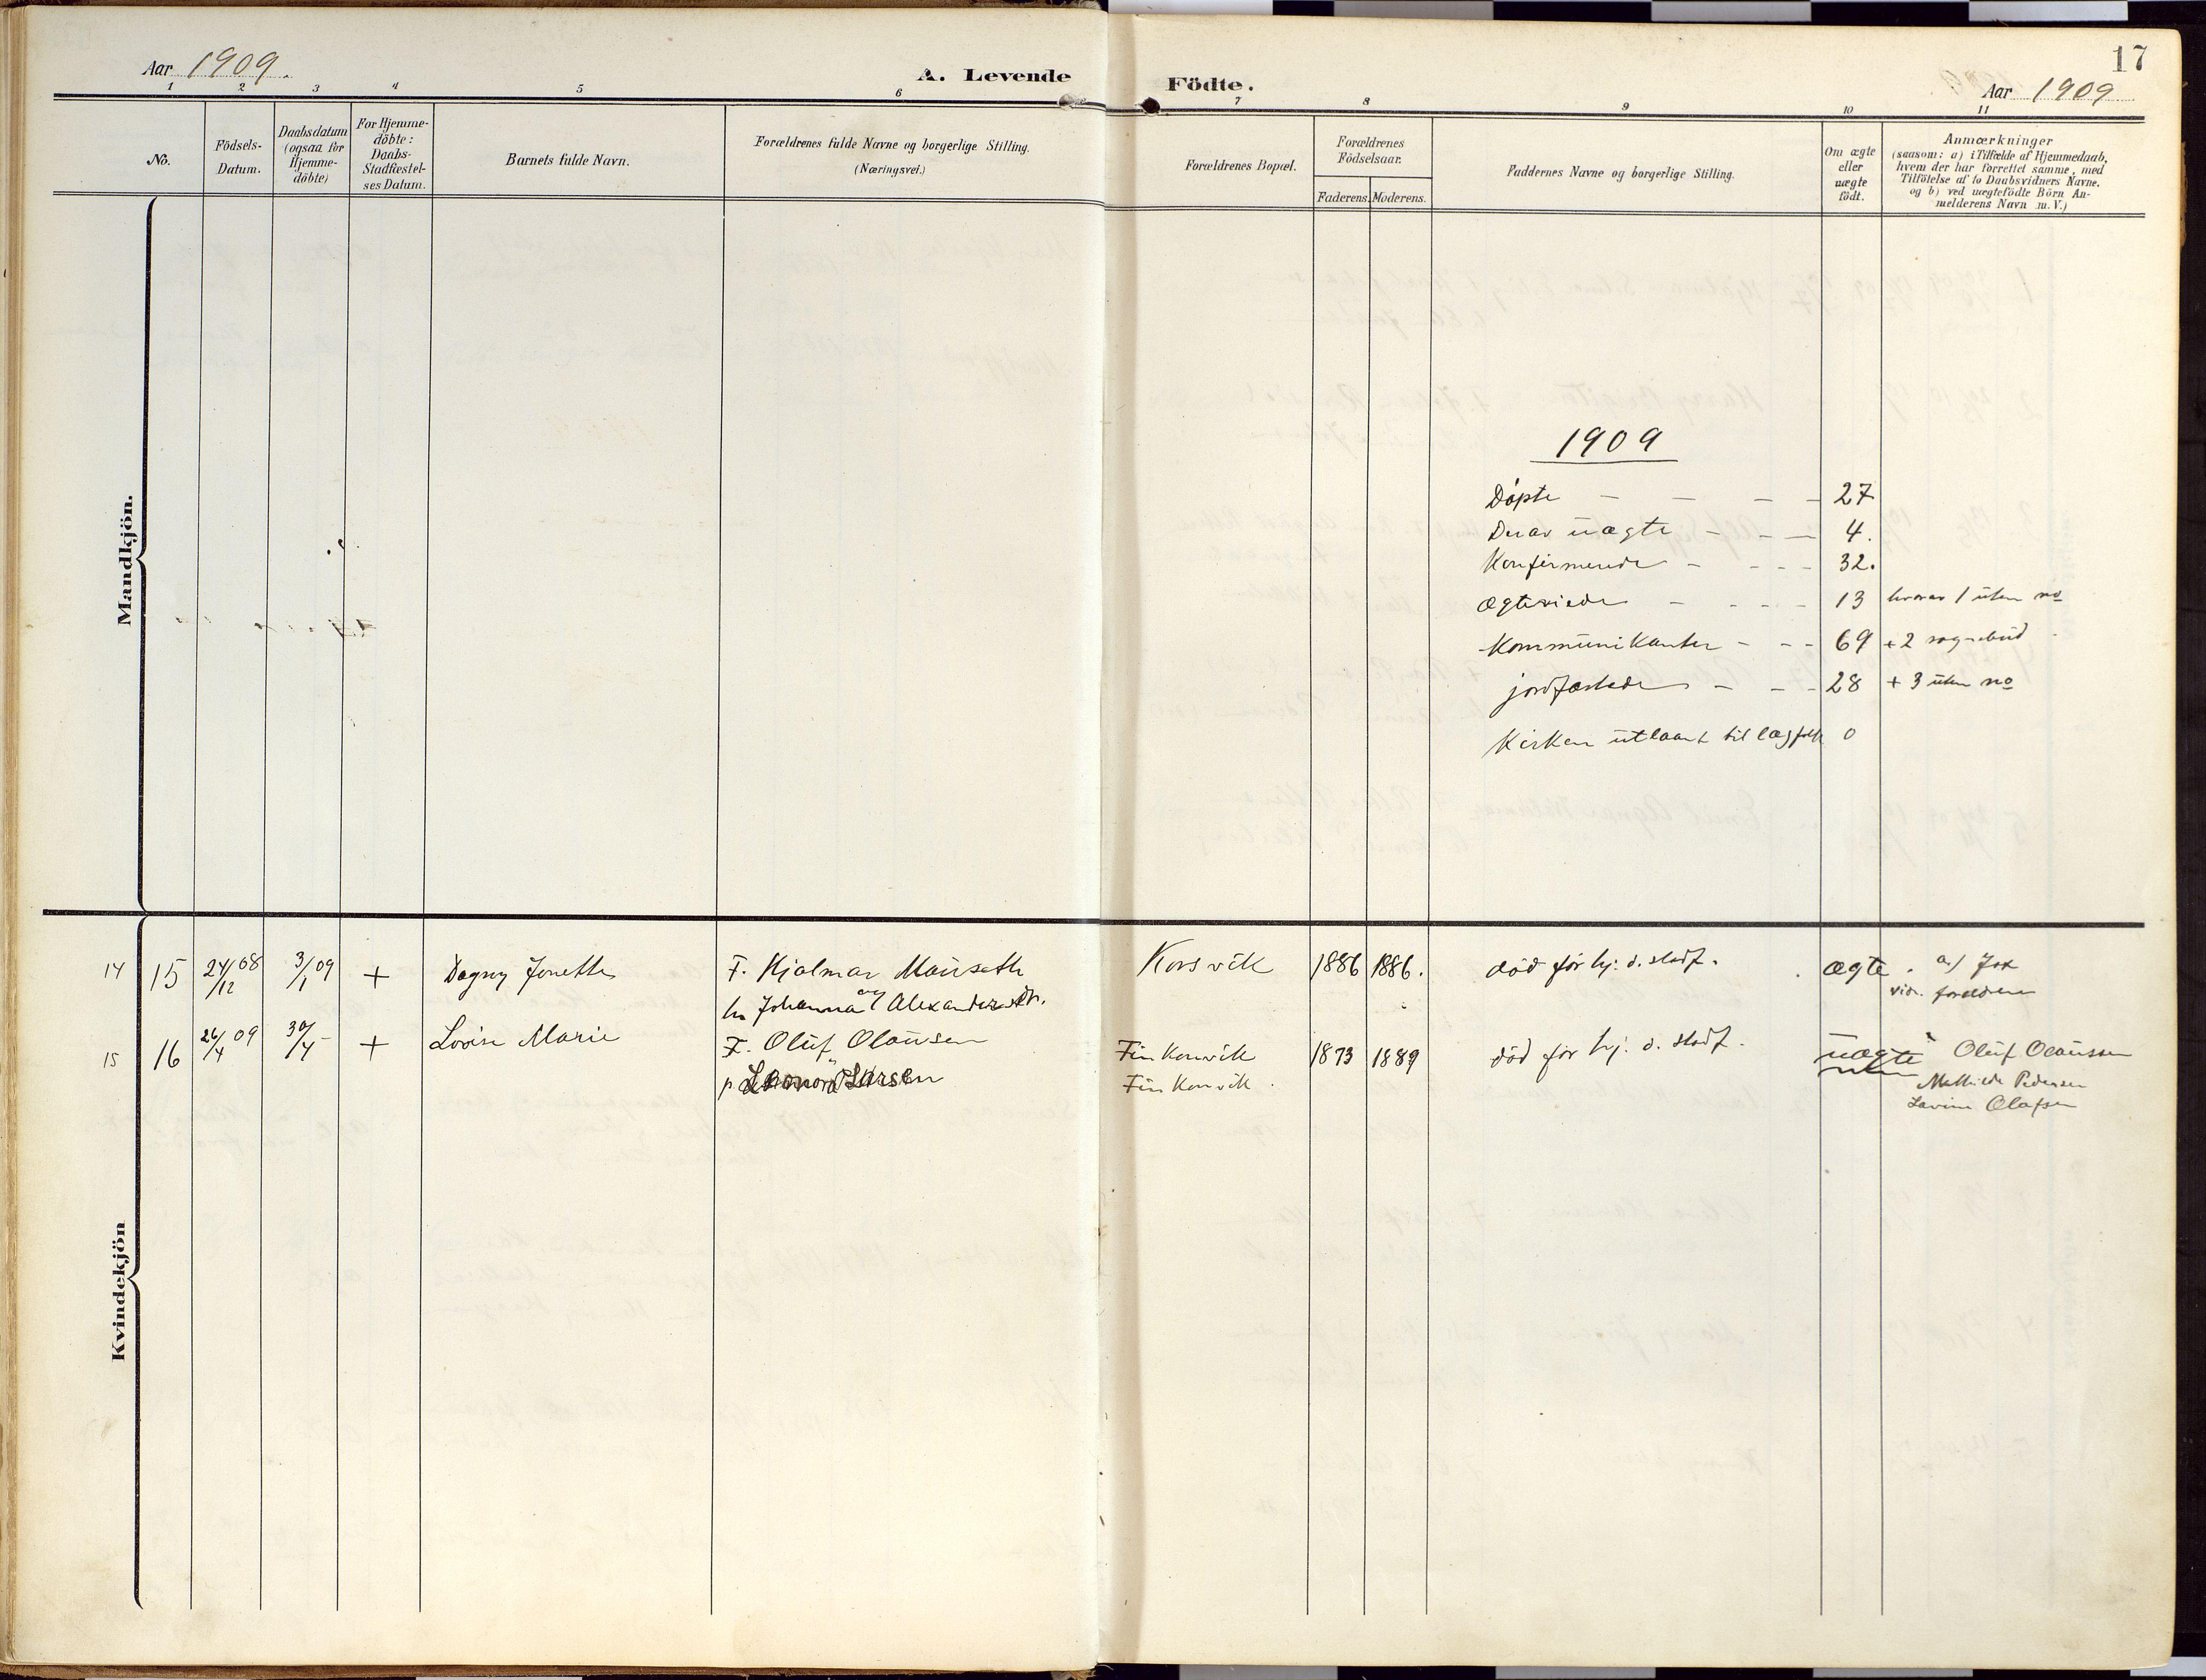 SATØ, Loppa sokneprestkontor, H/Ha/L0010kirke: Ministerialbok nr. 10, 1907-1922, s. 17